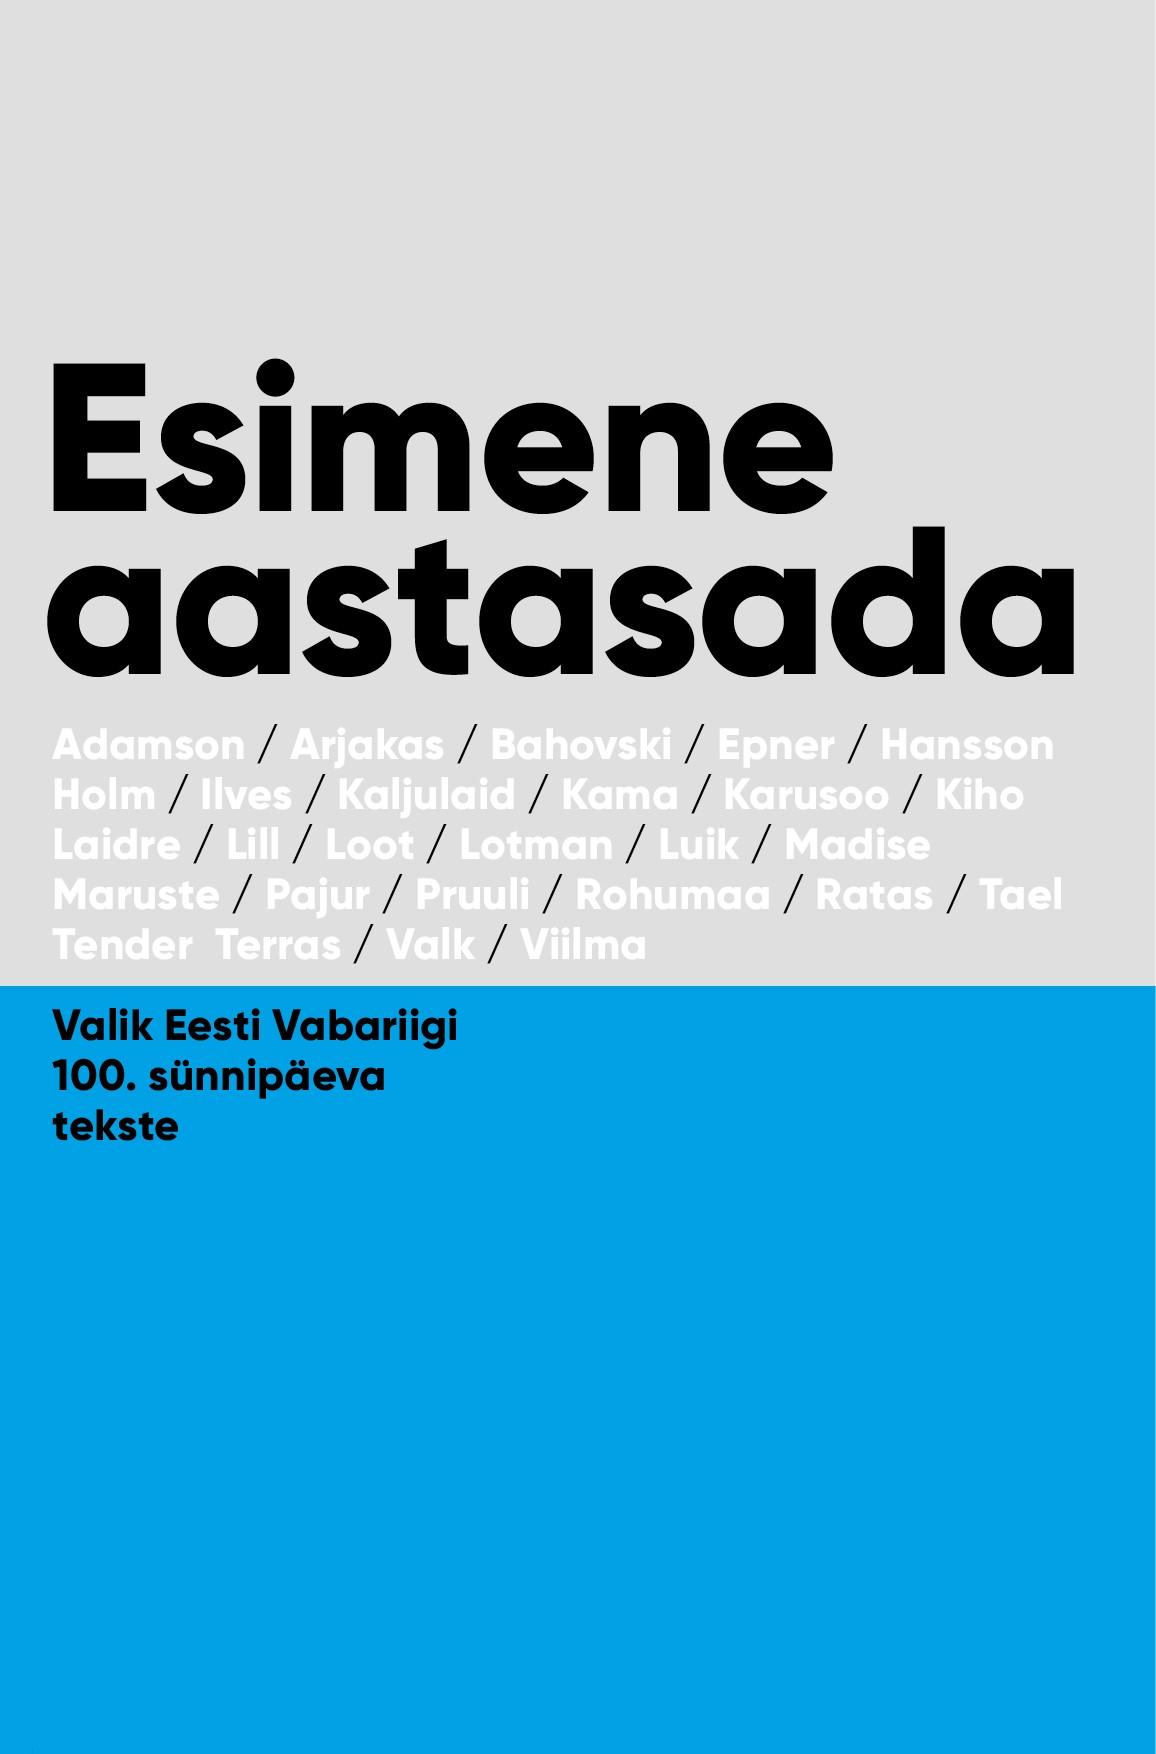 Esimene aastasada. valik eesti vabariigi 100. sünnipäeva tekste